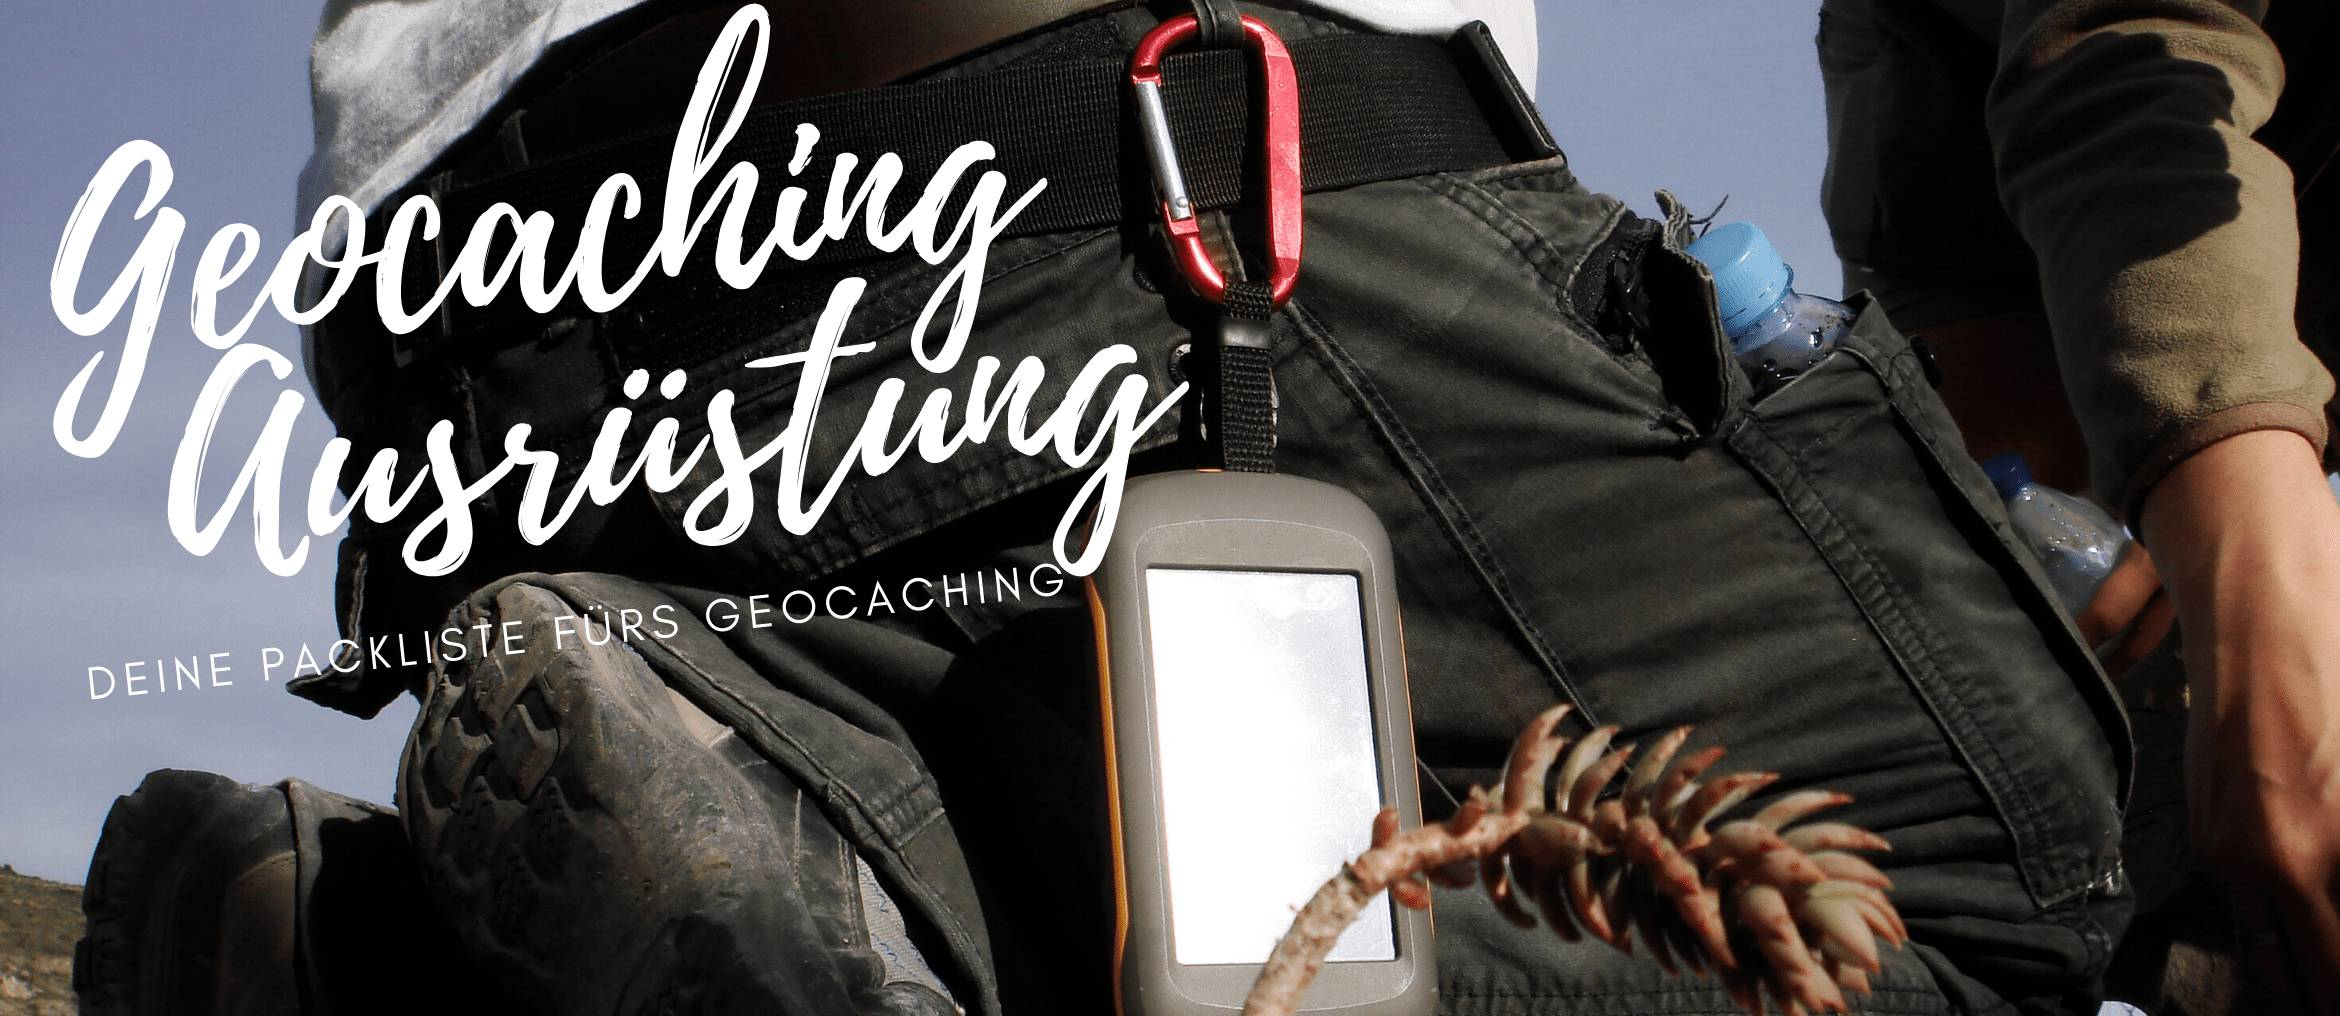 Geocaching Equipment Ausrüstung